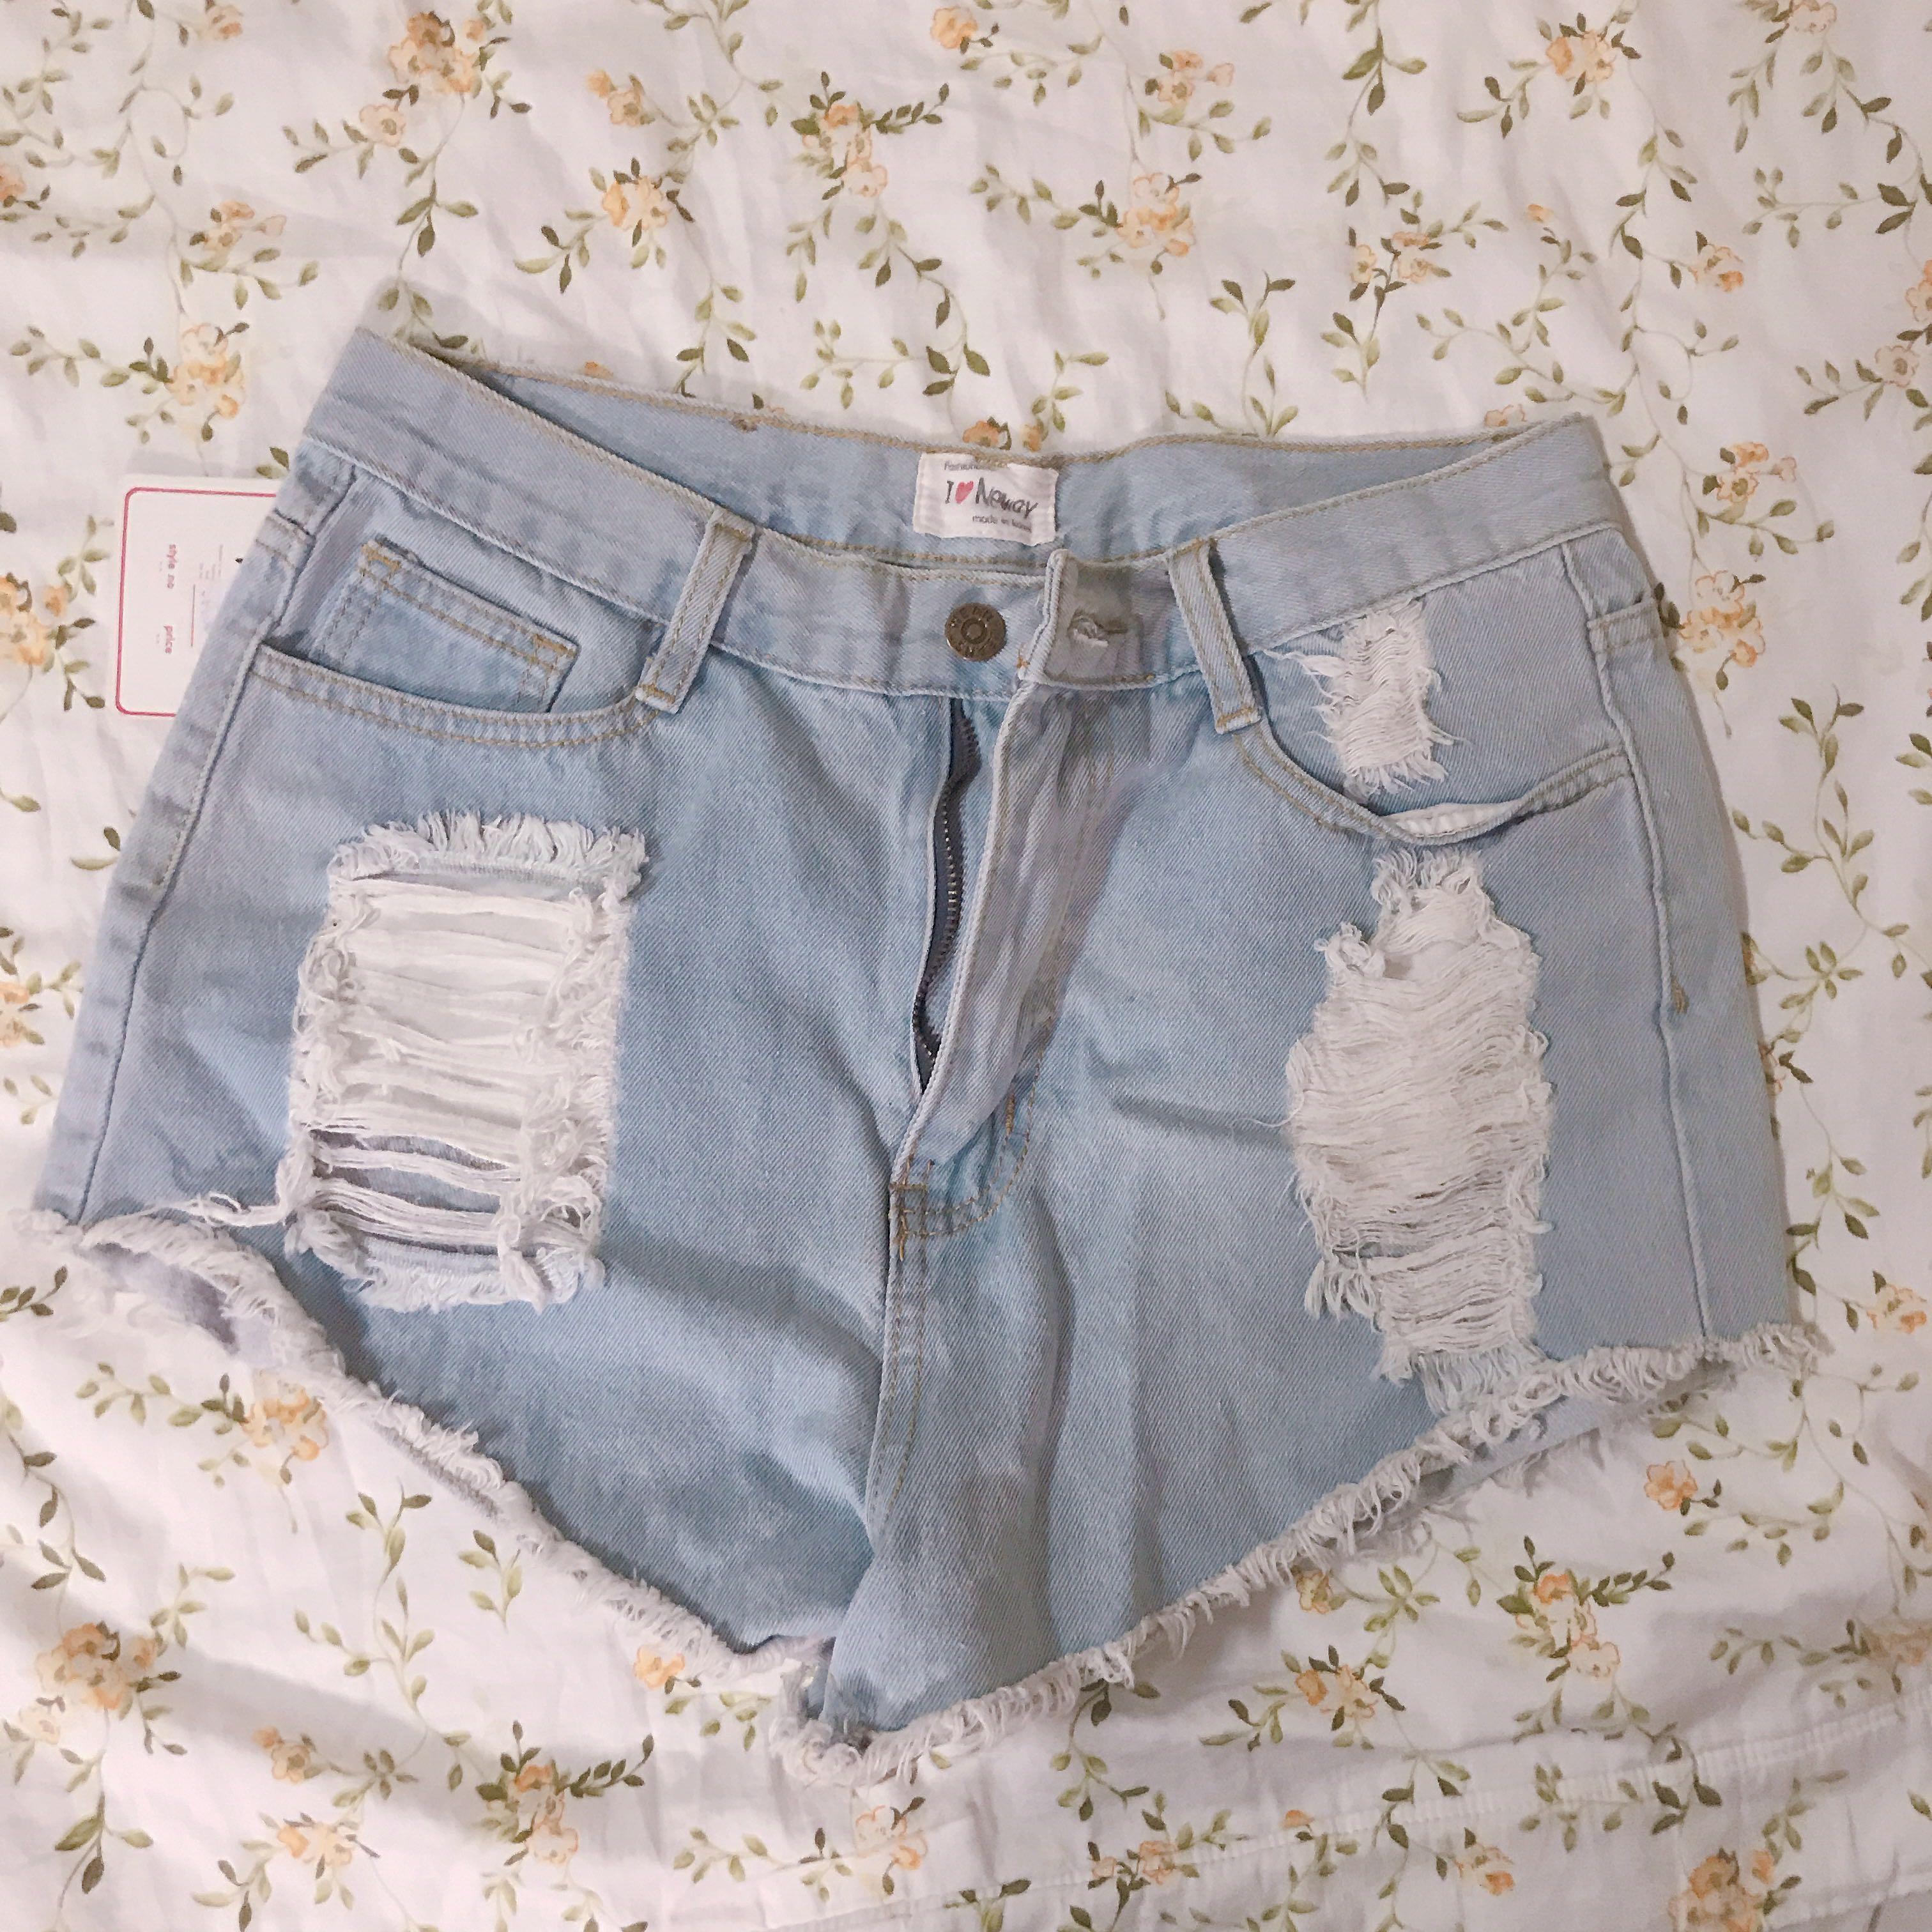 100%韓國製、刷破淺色牛仔短褲